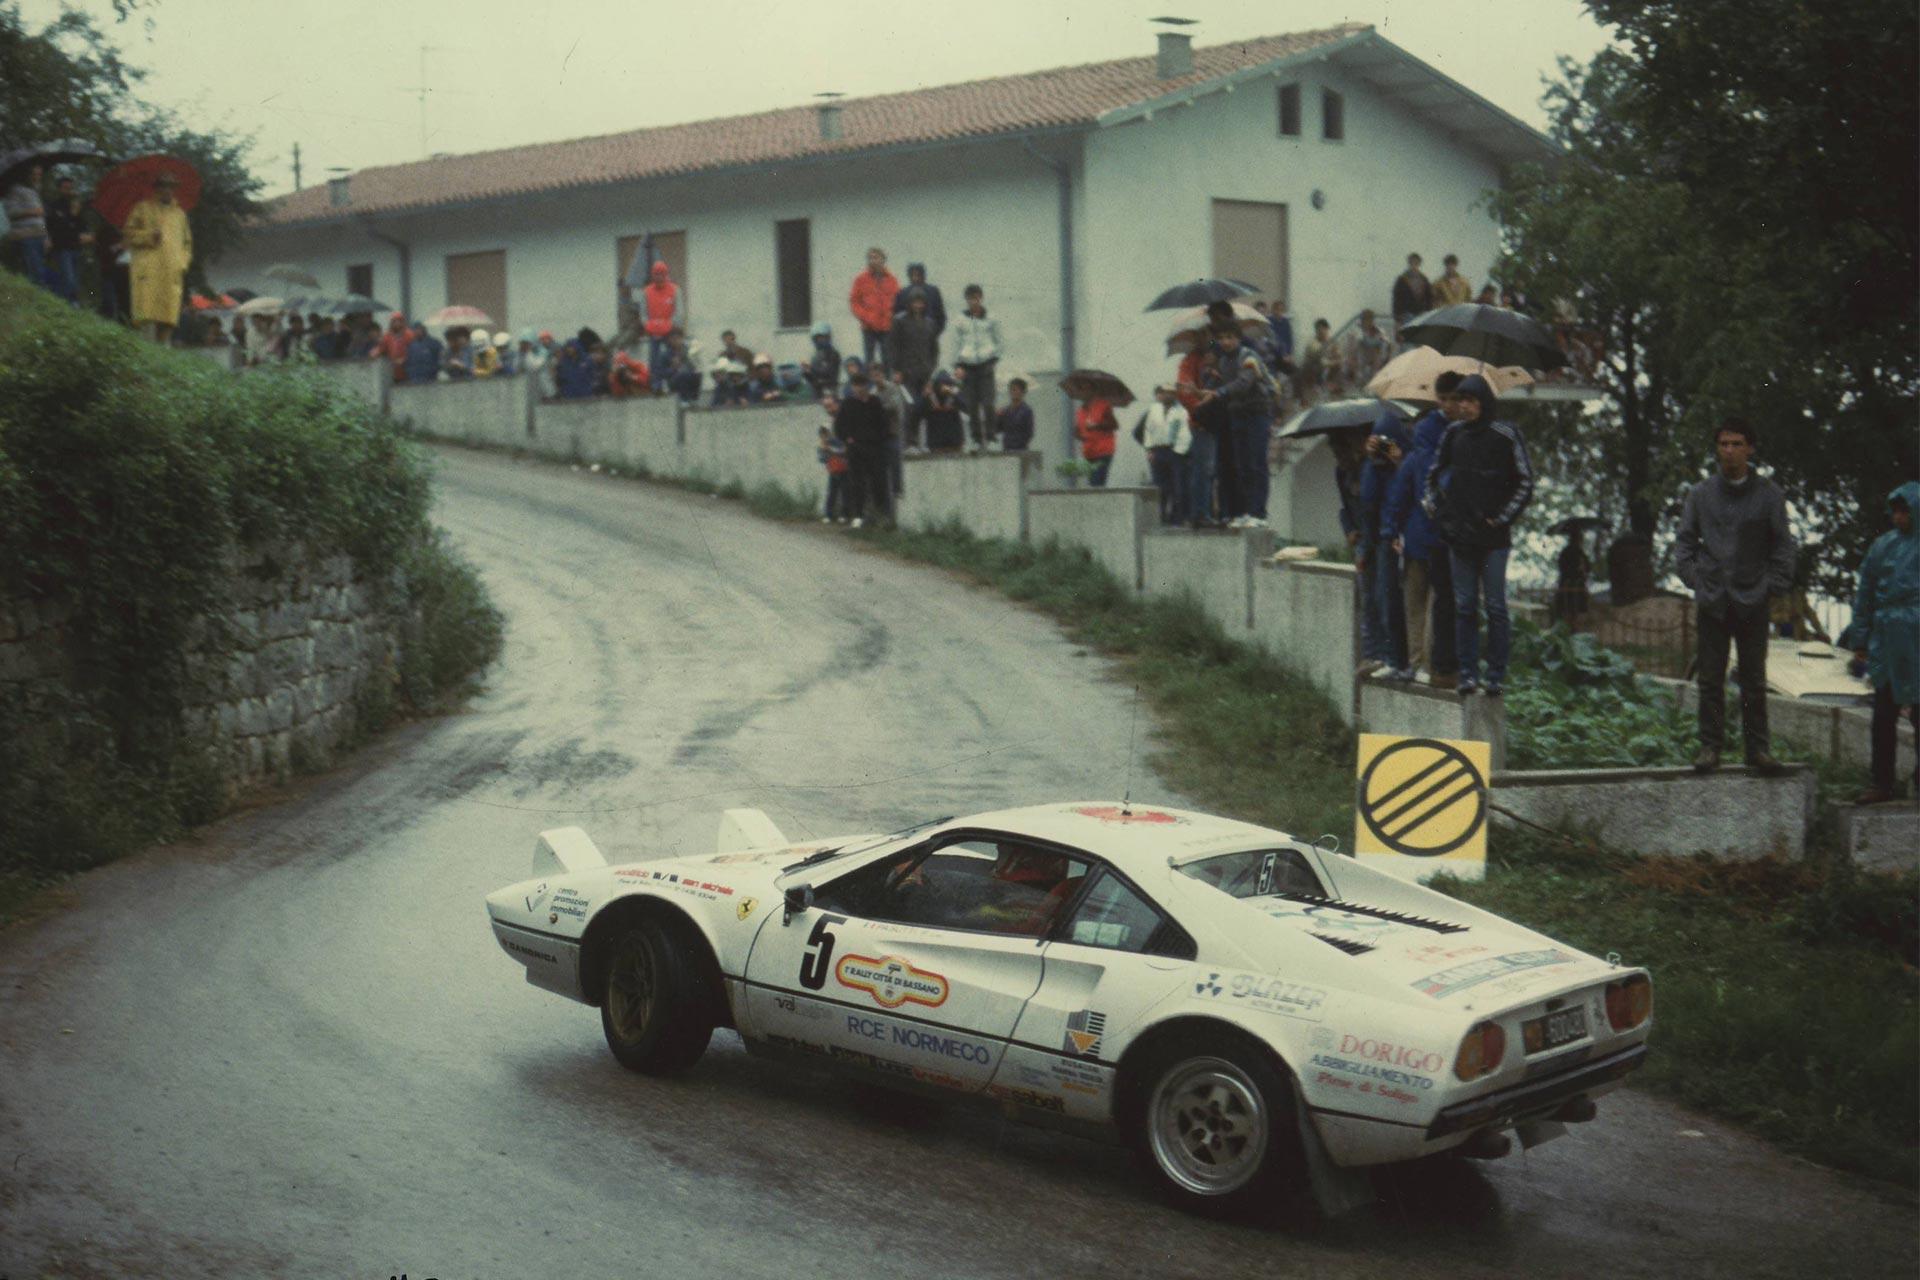 Ferrari-308-GTB-Michelotto-Group-B-for-sale-28